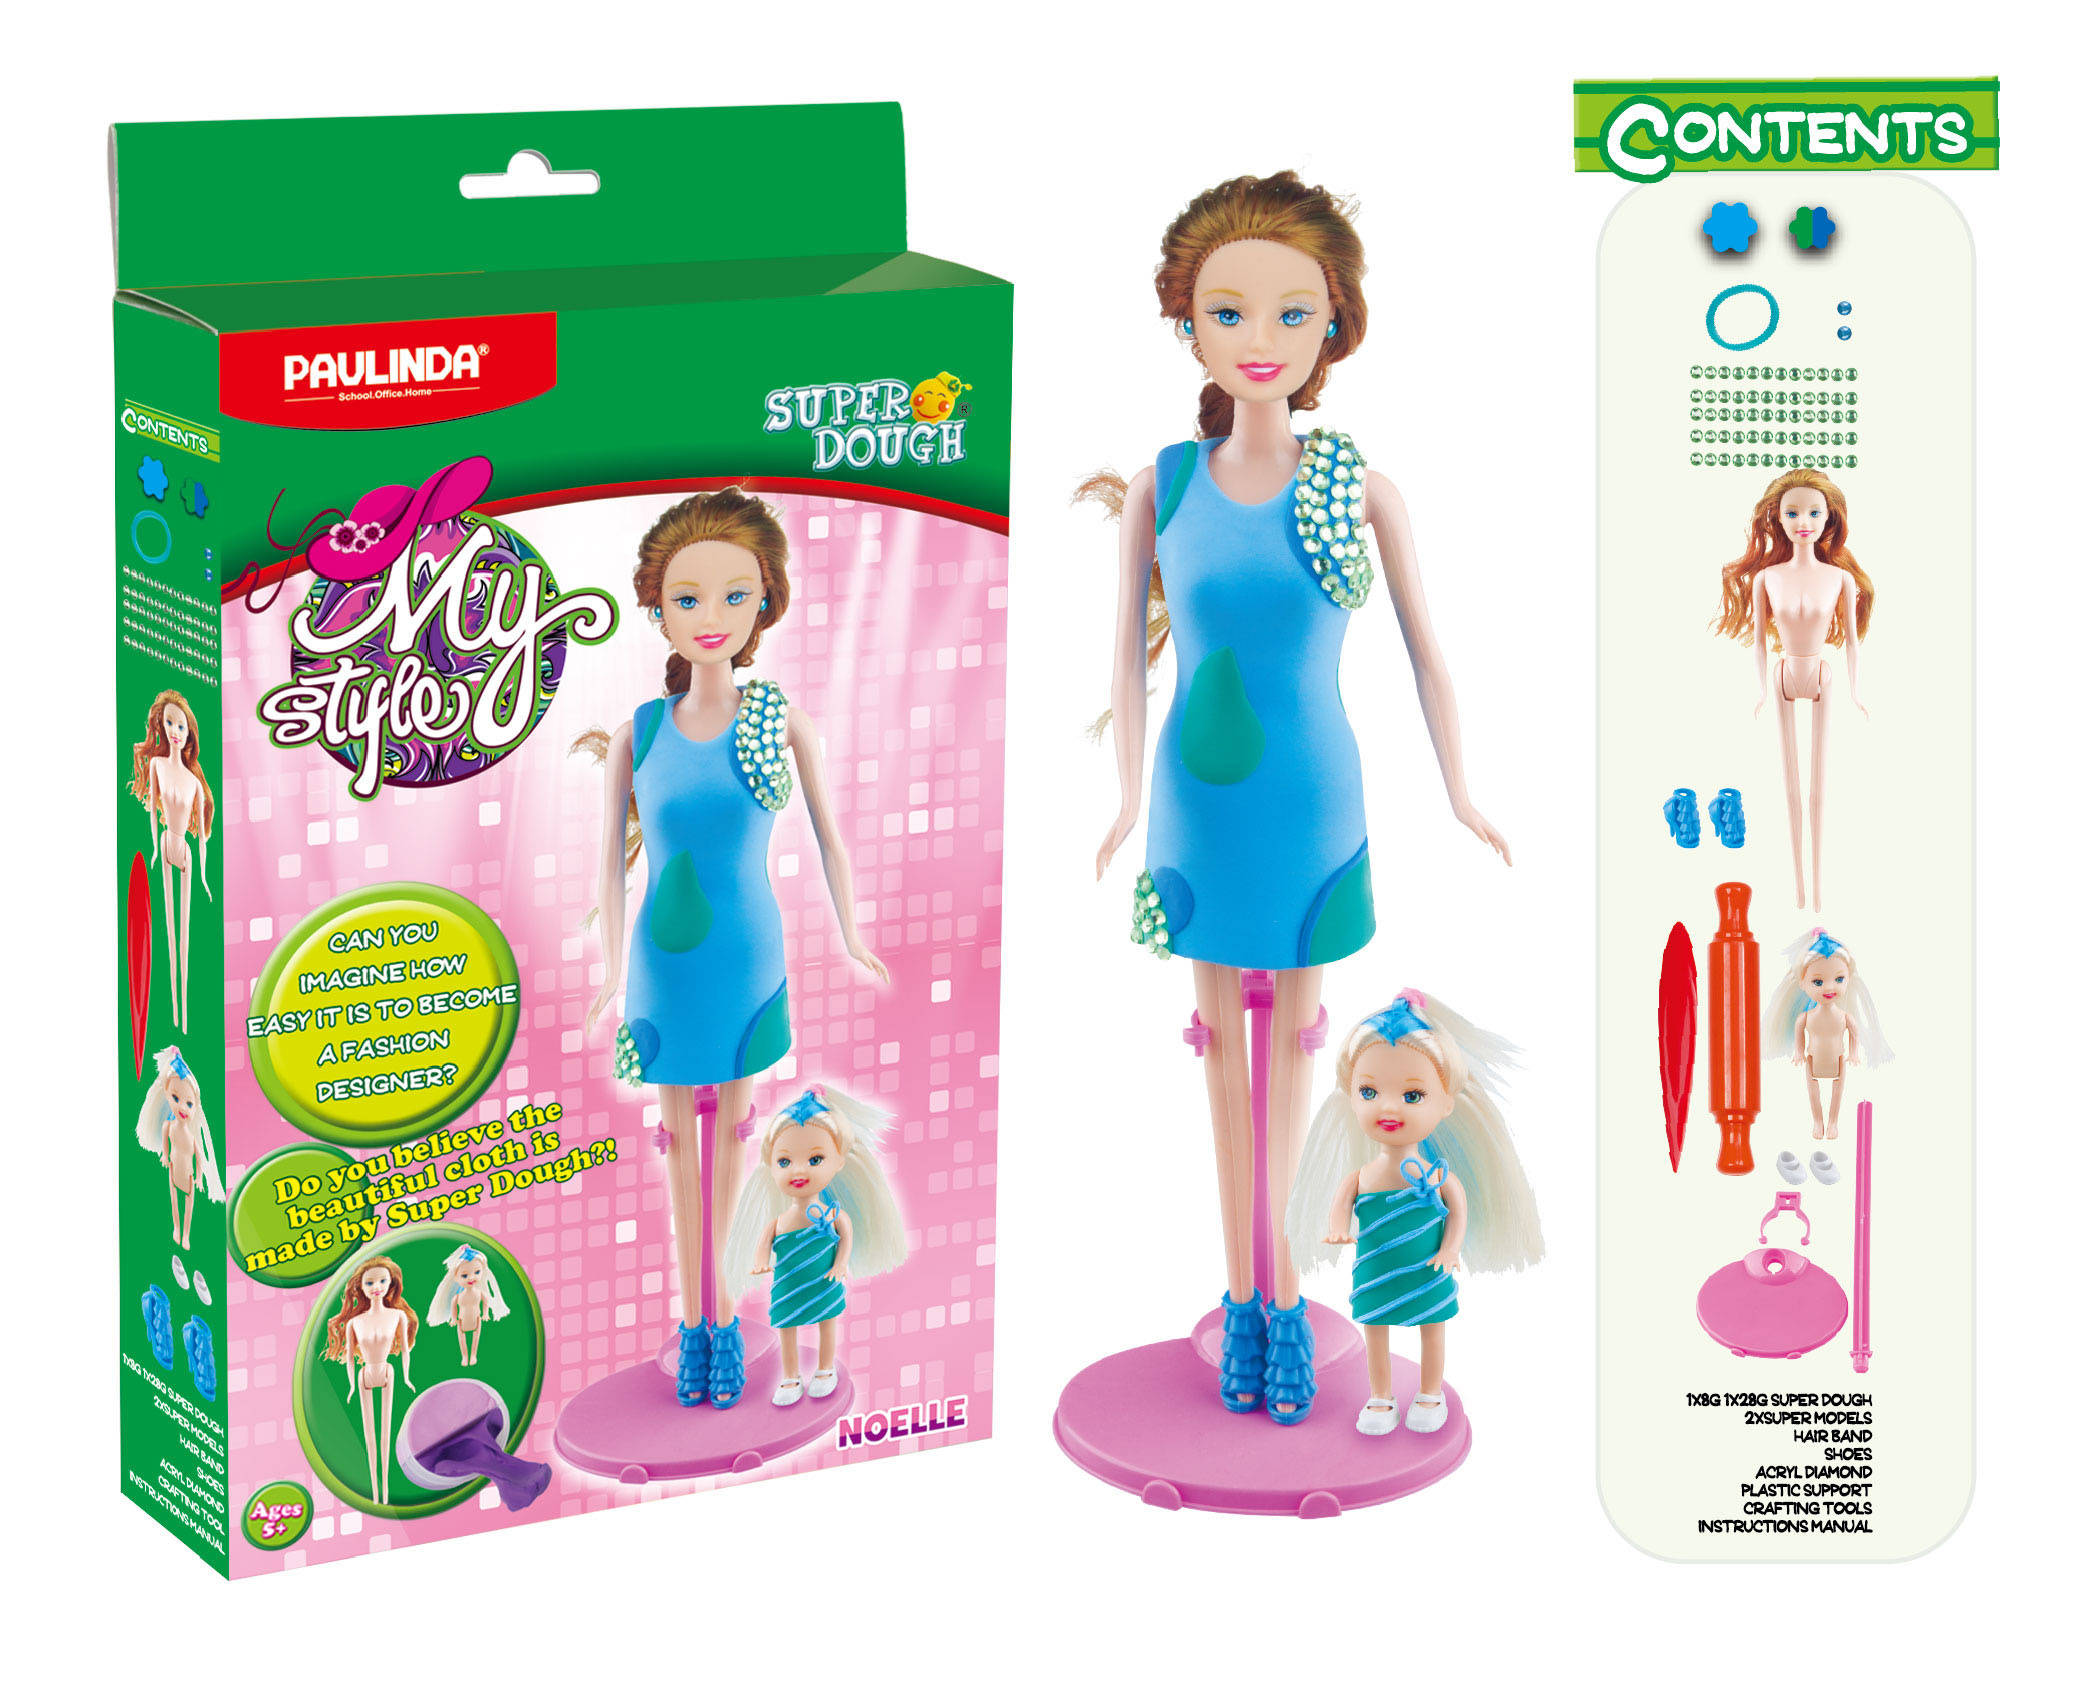 Масса для лепки  Мой стиль: Ноэлль, набор для создания наряда для куклы - Наборы для лепки, артикул: 165845